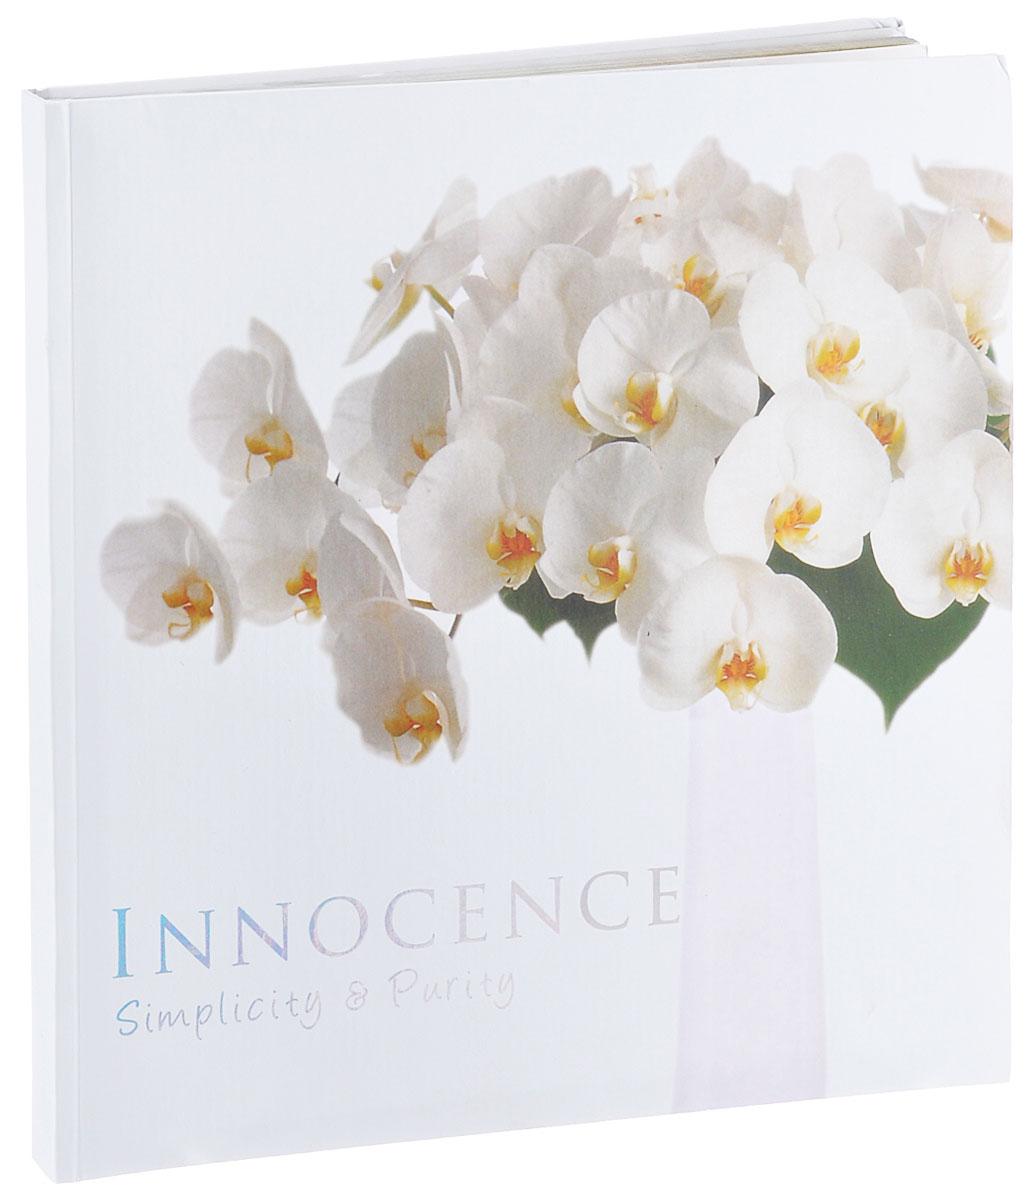 Фотоальбом Pioneer Innocence, 10 магнитных листов, 32 см х 32 см фотоальбом pioneer innocence 10 магнитных листов 32 см х 32 см